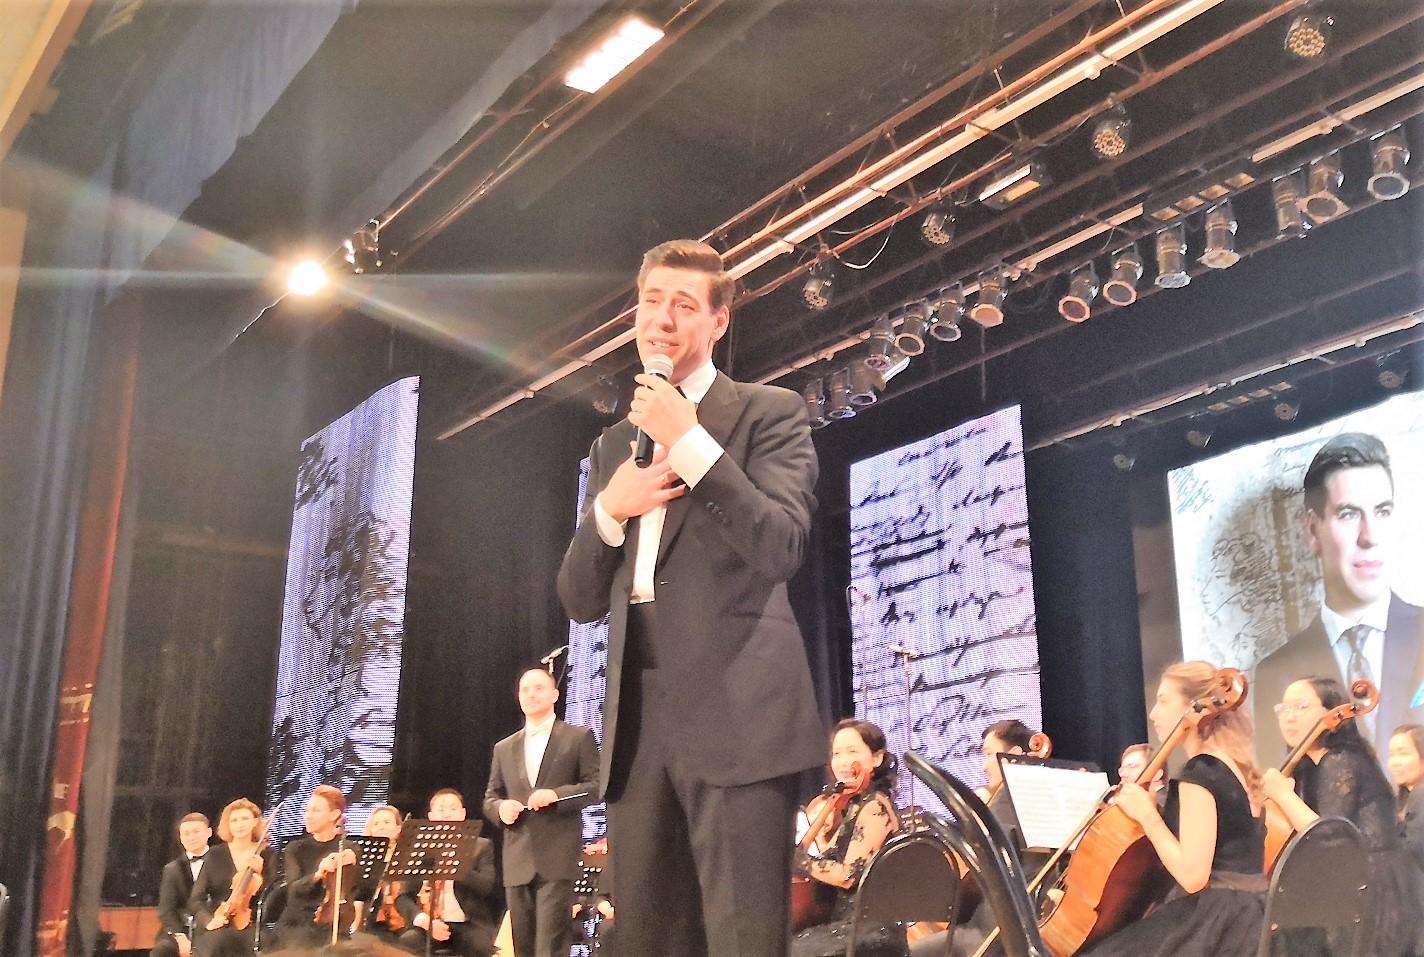 Дмитрий Дюжев выступил в Якутске с моноспектаклем